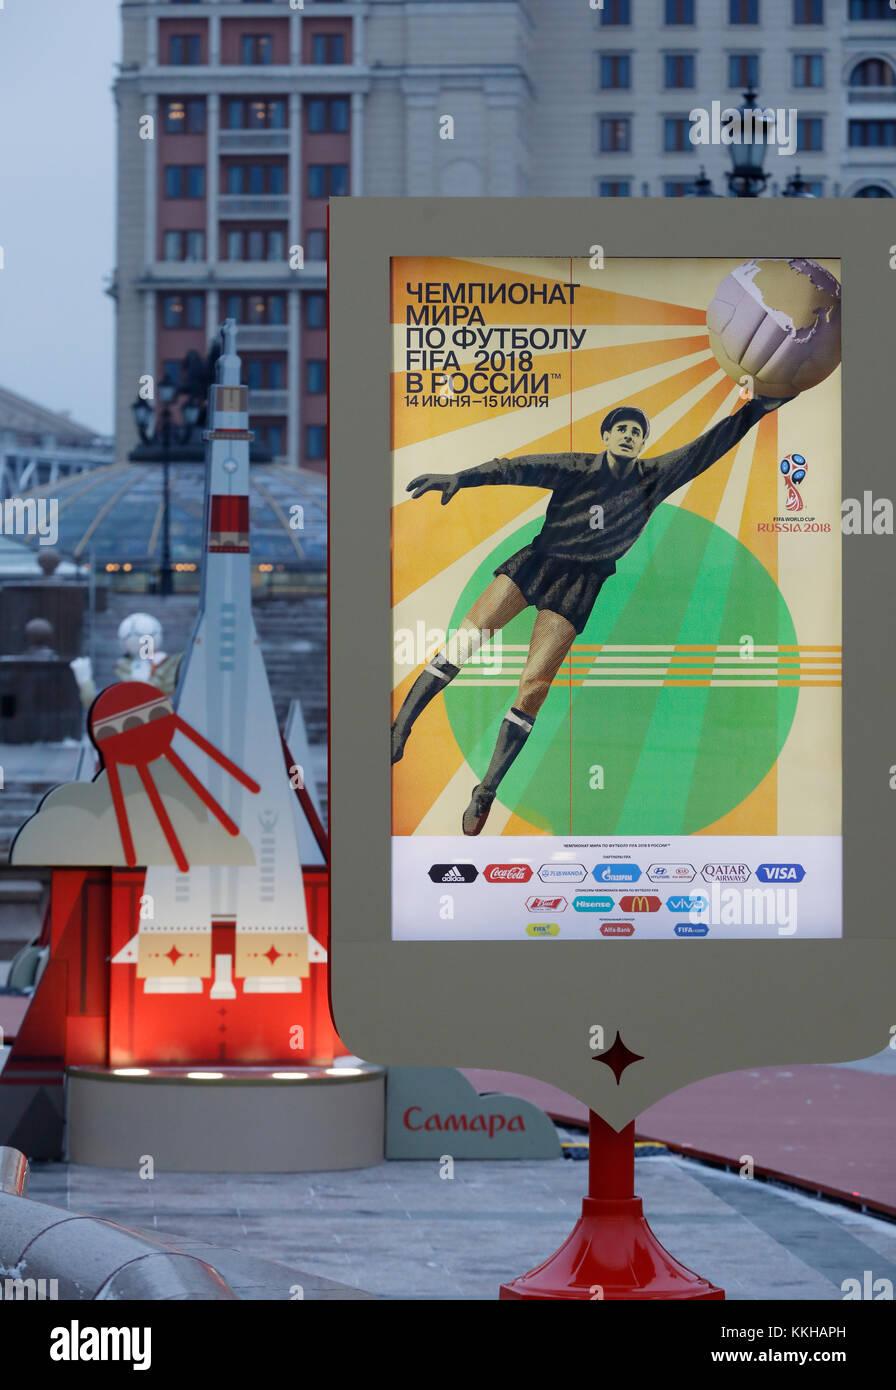 Moskau, Russland. 29th Nov, 2017. WM 2018 Logos und Plakate in Moskau. Feature/Schmuckbild/Hintergrund/Hintergrundbild. Fussball: Auslosung zur FIFA- Fussball Weltmeisterschaft 2018 in Moskau, Russland 01.12.2017 - Football, Draw for the FIFA- World Cup 2018, Moscow, December 01, 2017  usage worldwide Credit: dpa/Alamy Live News Stock Photo